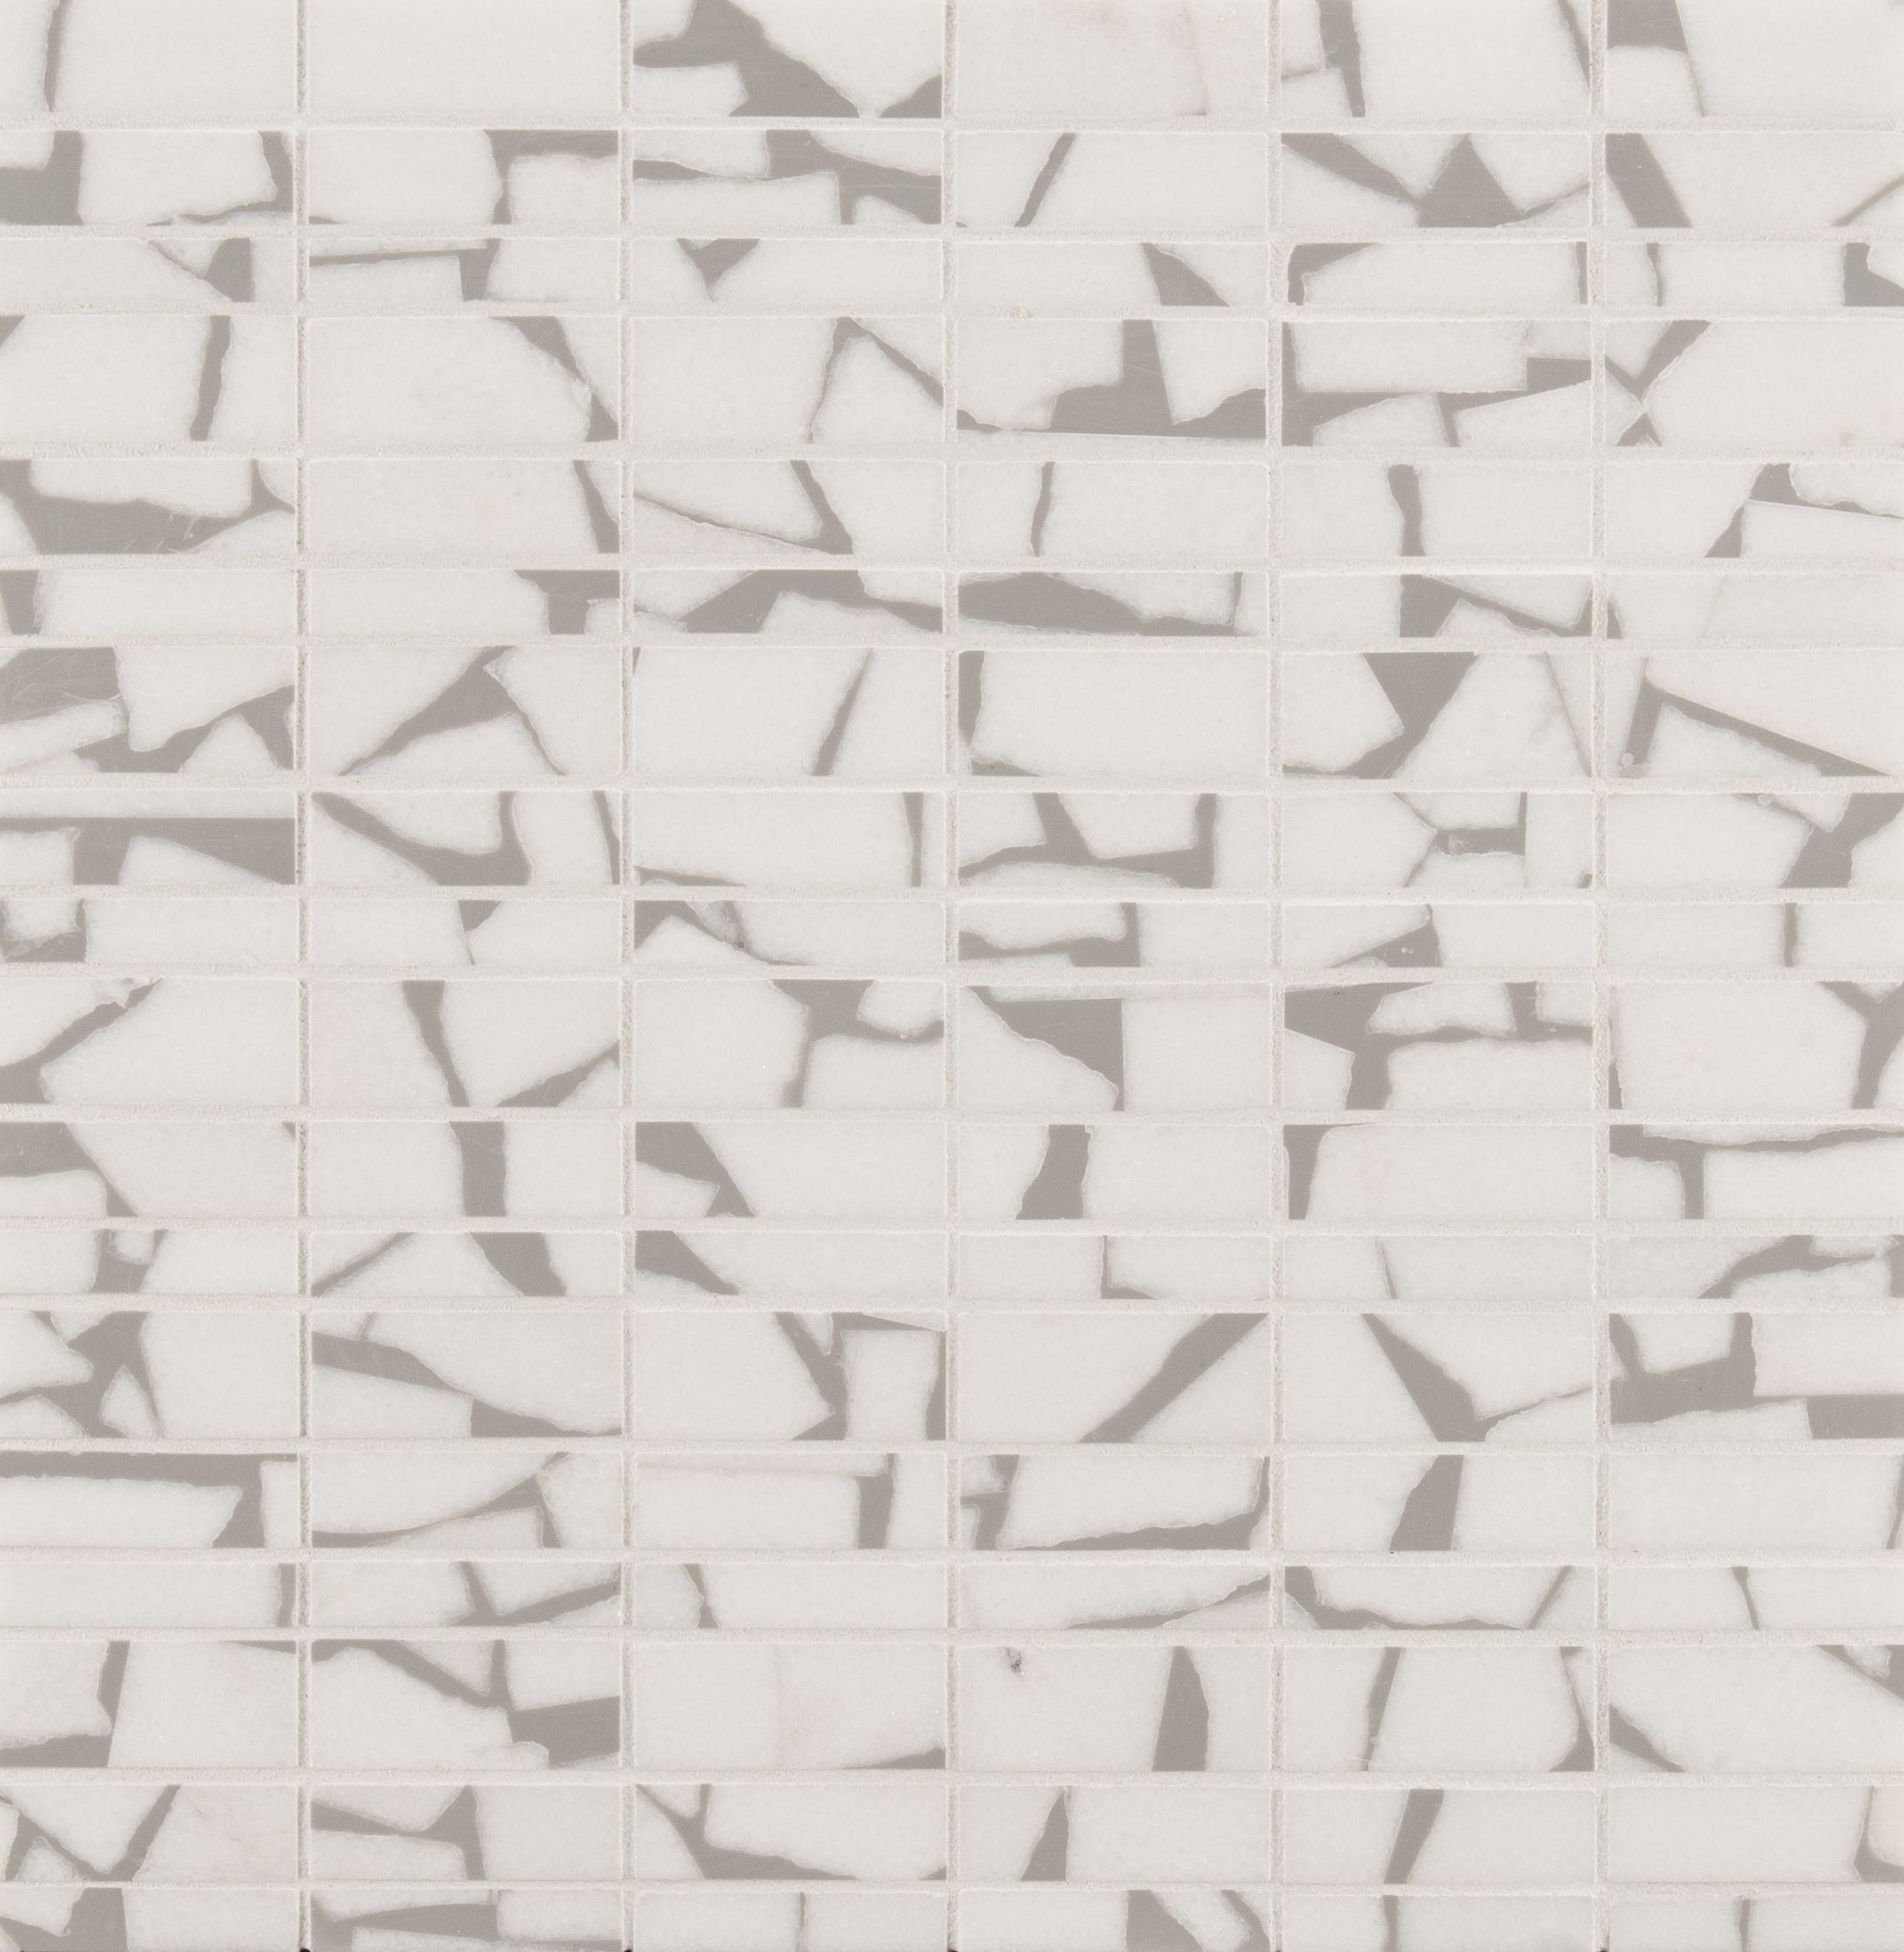 Ann Sacks Mosaic Bathroom Tile: ANN SACKS Selvaggio Thassos Marble Mosaic In Dusty Grey